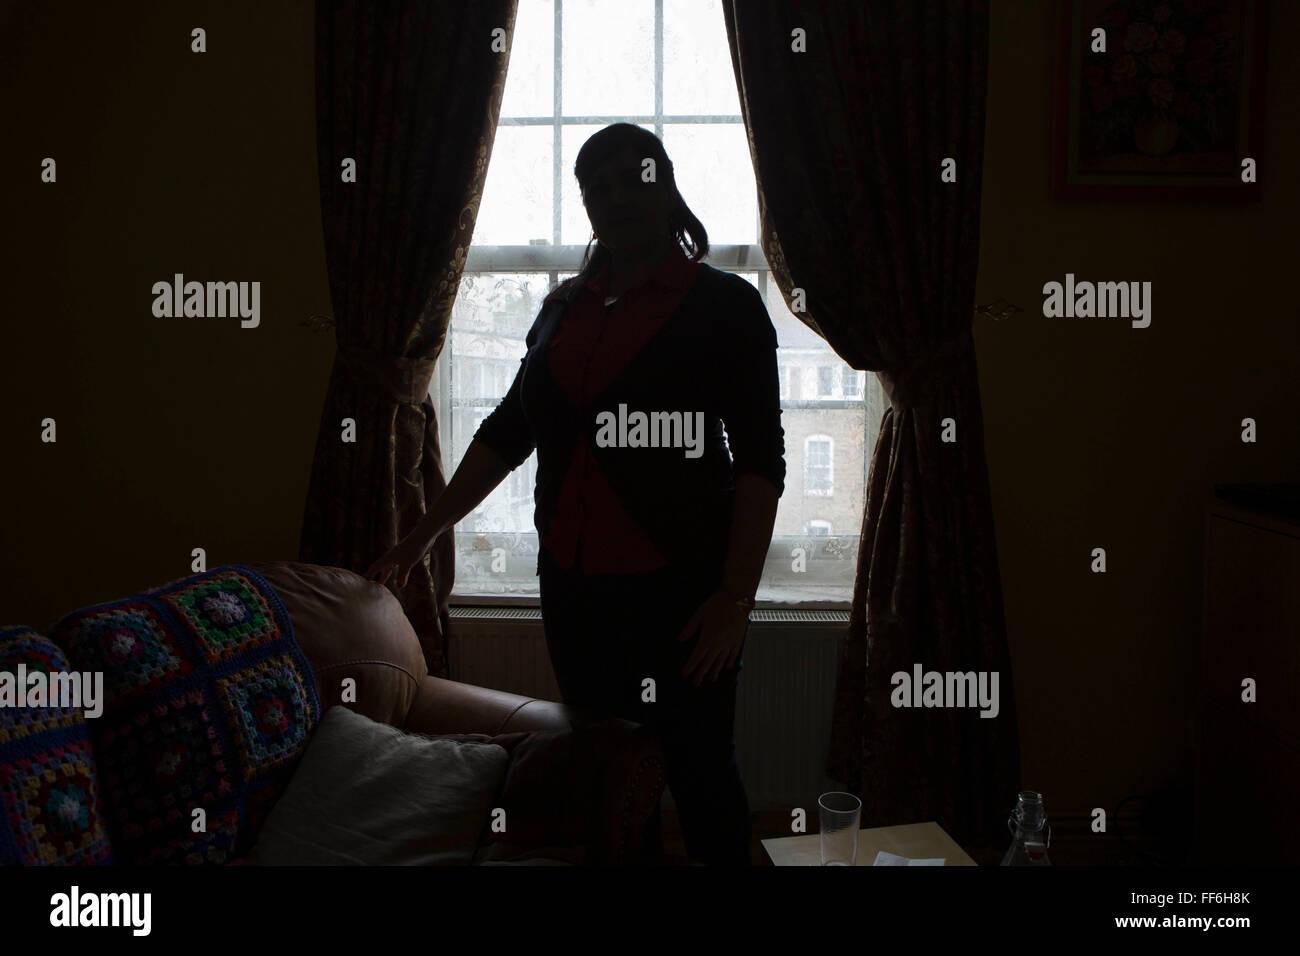 Una signora non identificato si erge profilarsi davanti al suo soggiorno finestra. Isolamento e le questioni relative Immagini Stock